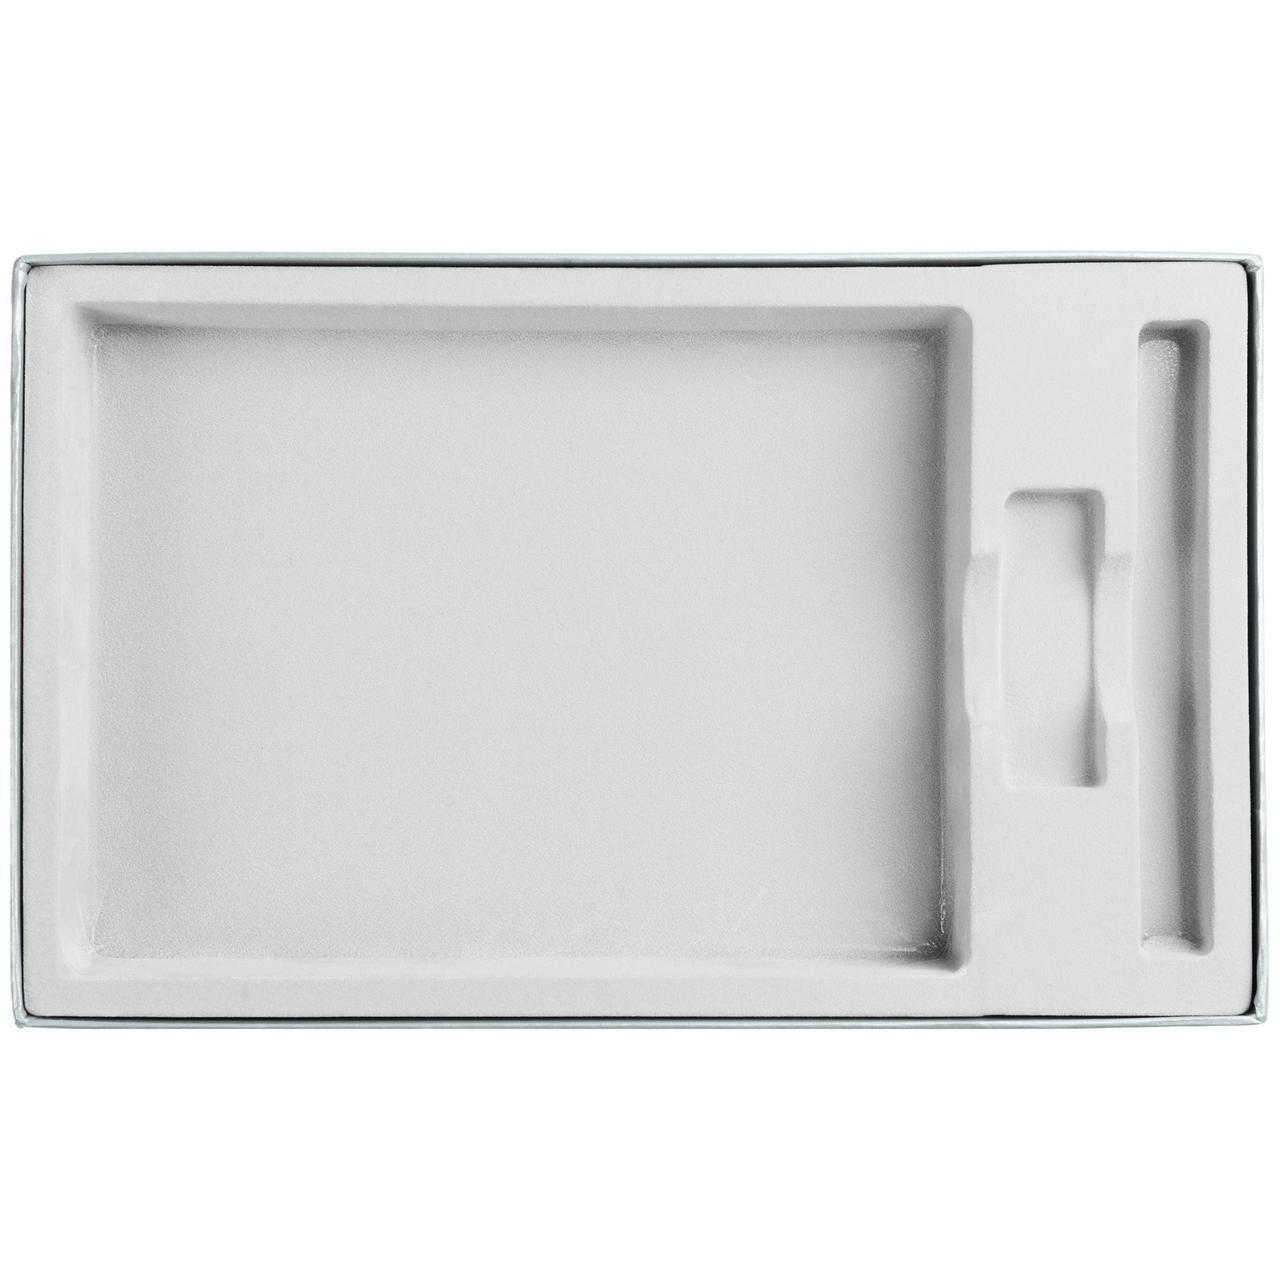 Коробка In Form под ежедневник, флешку, ручку, серебристая (артикул 10067.10)